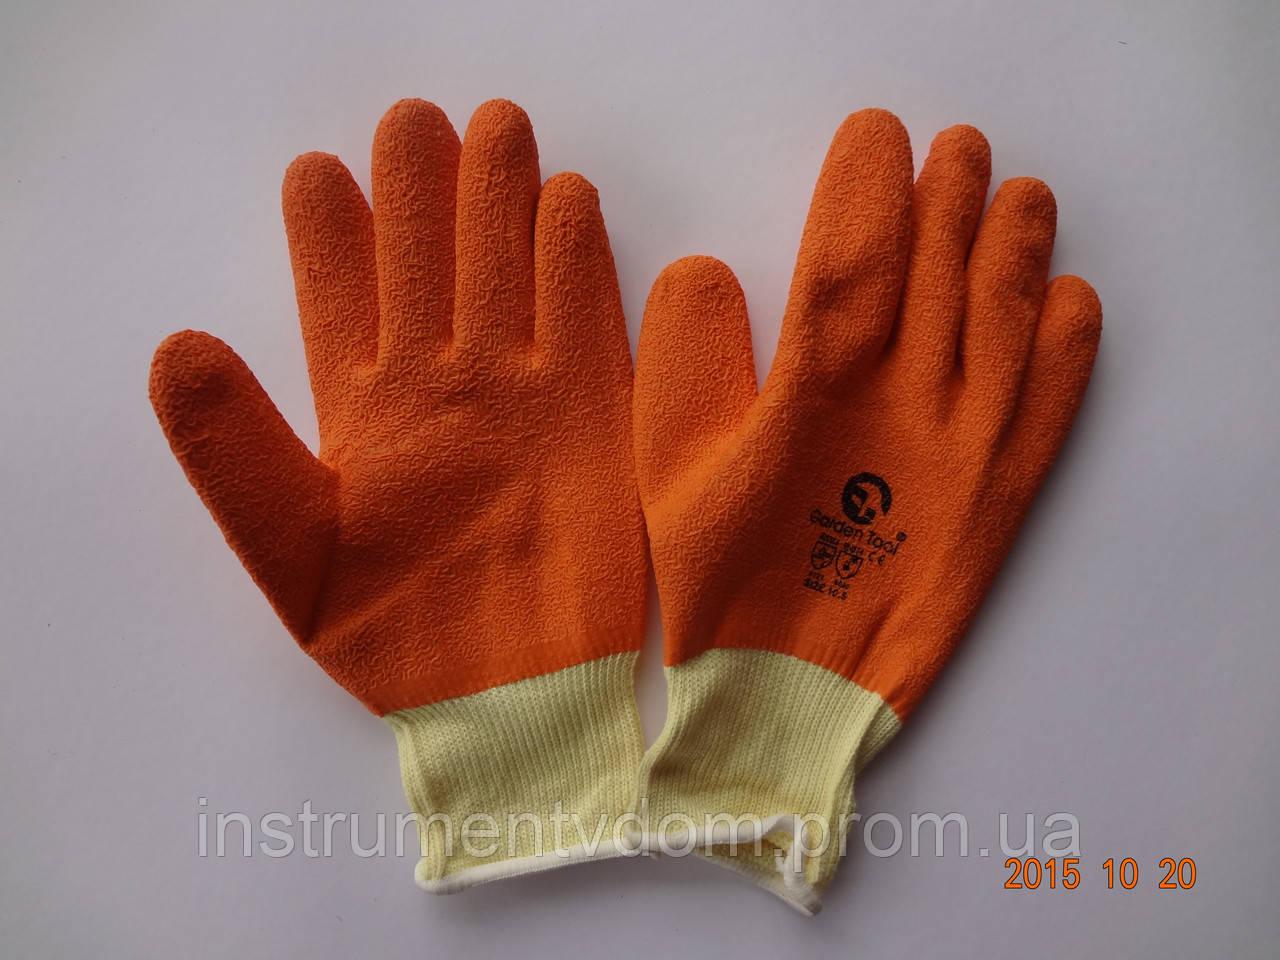 Перчатки х/б с оранжевым латексным покрытием Garden Tool (упаковка 12 пар)